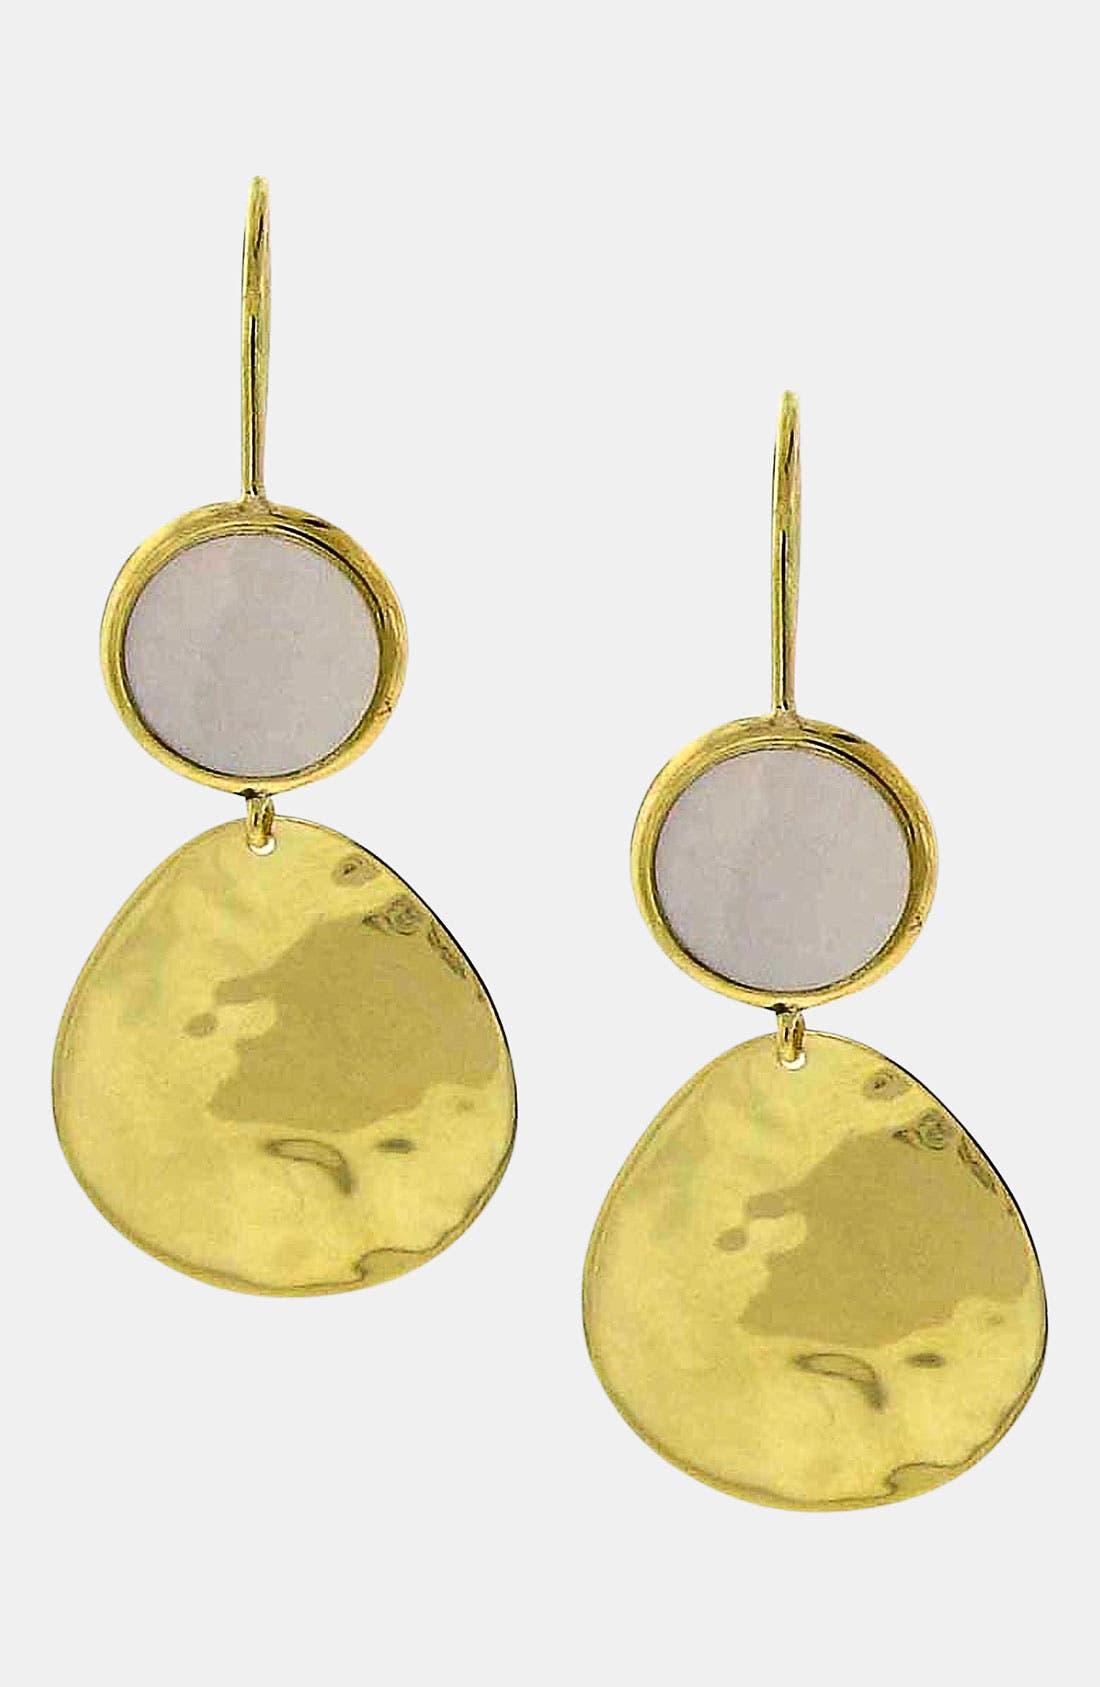 Alternate Image 1 Selected - Ippolita 'Crinkle - Snowman' Stone & 18k Gold Earrings